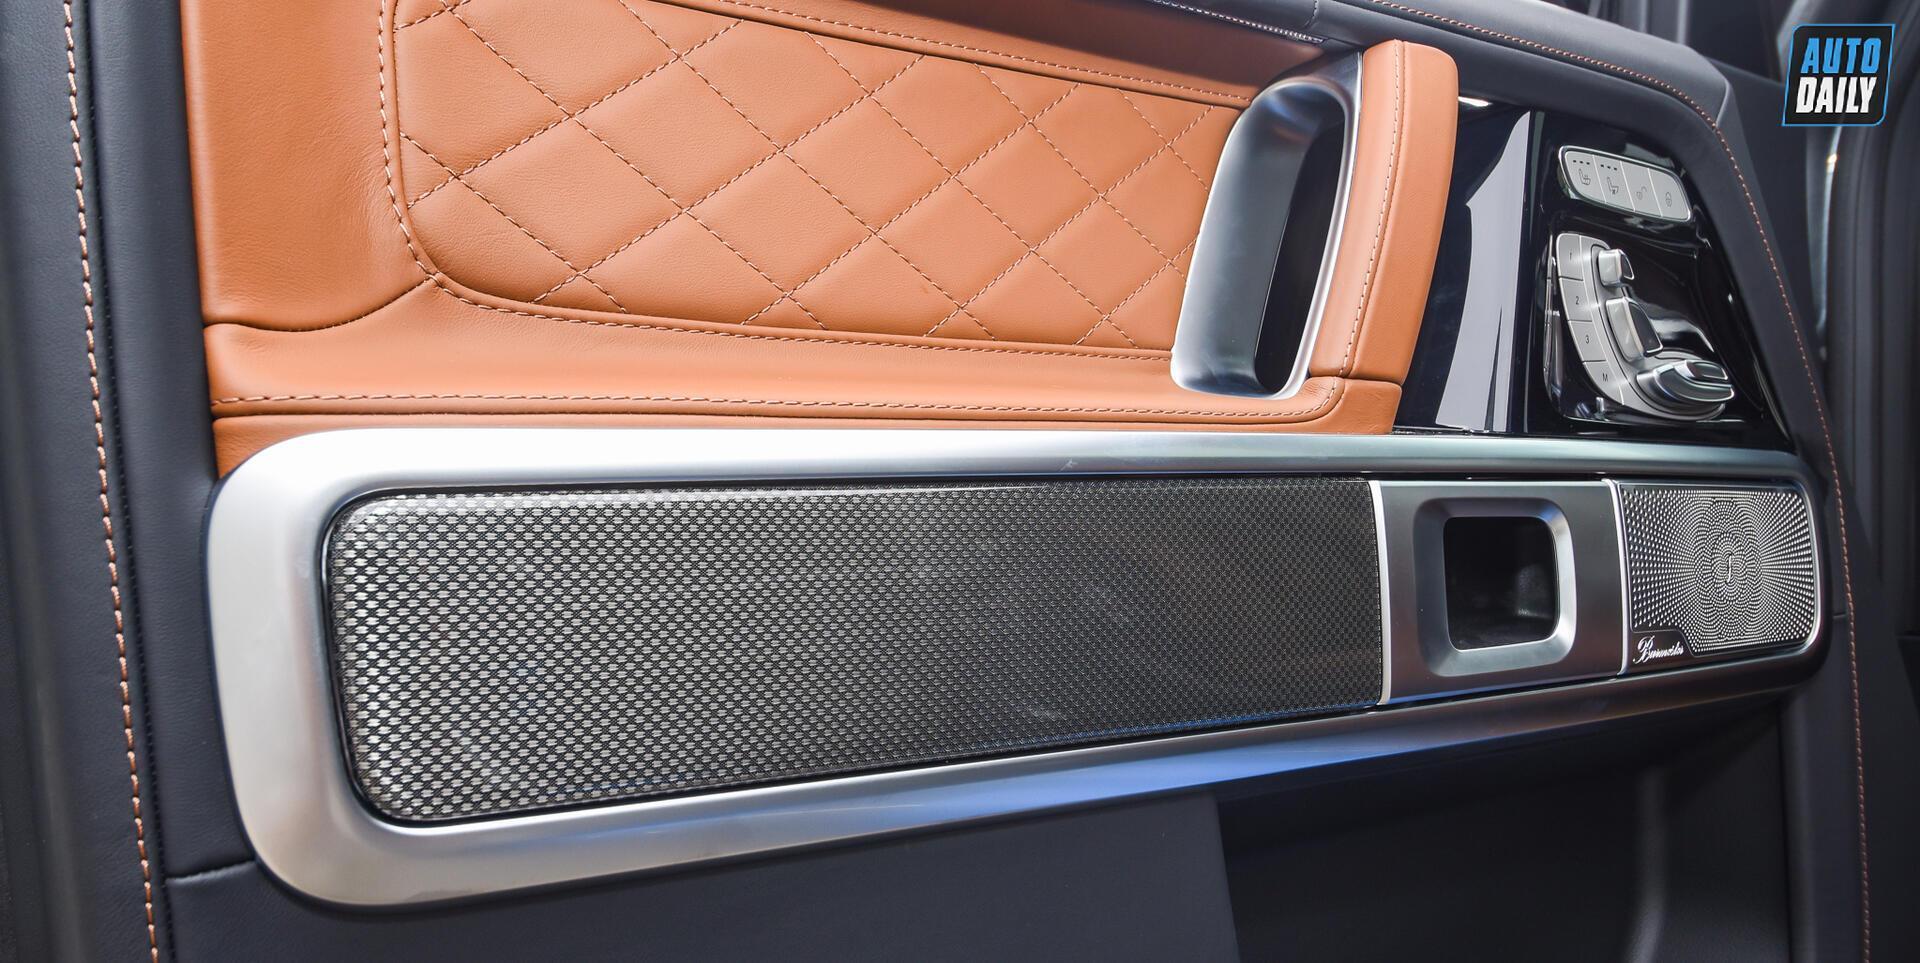 Ảnh chi tiết Mercedes G63 AMG 2021 bản cá nhân hoá giá khoảng 12 tỷ [17]